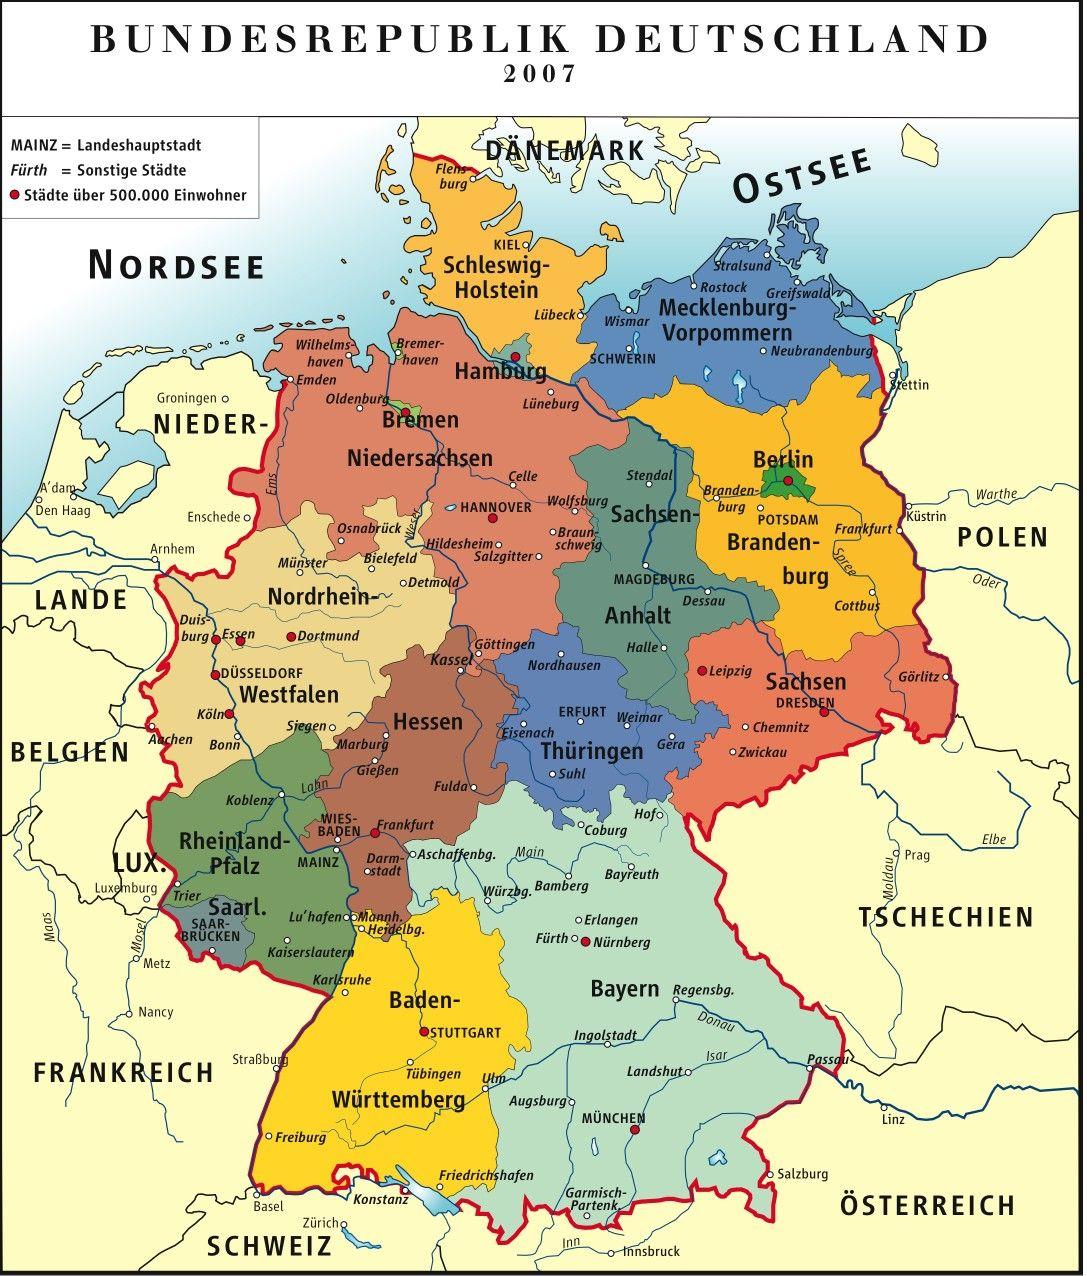 Pin Von Rafaela Balbino Auf Deutsch Landkarte Deutschland